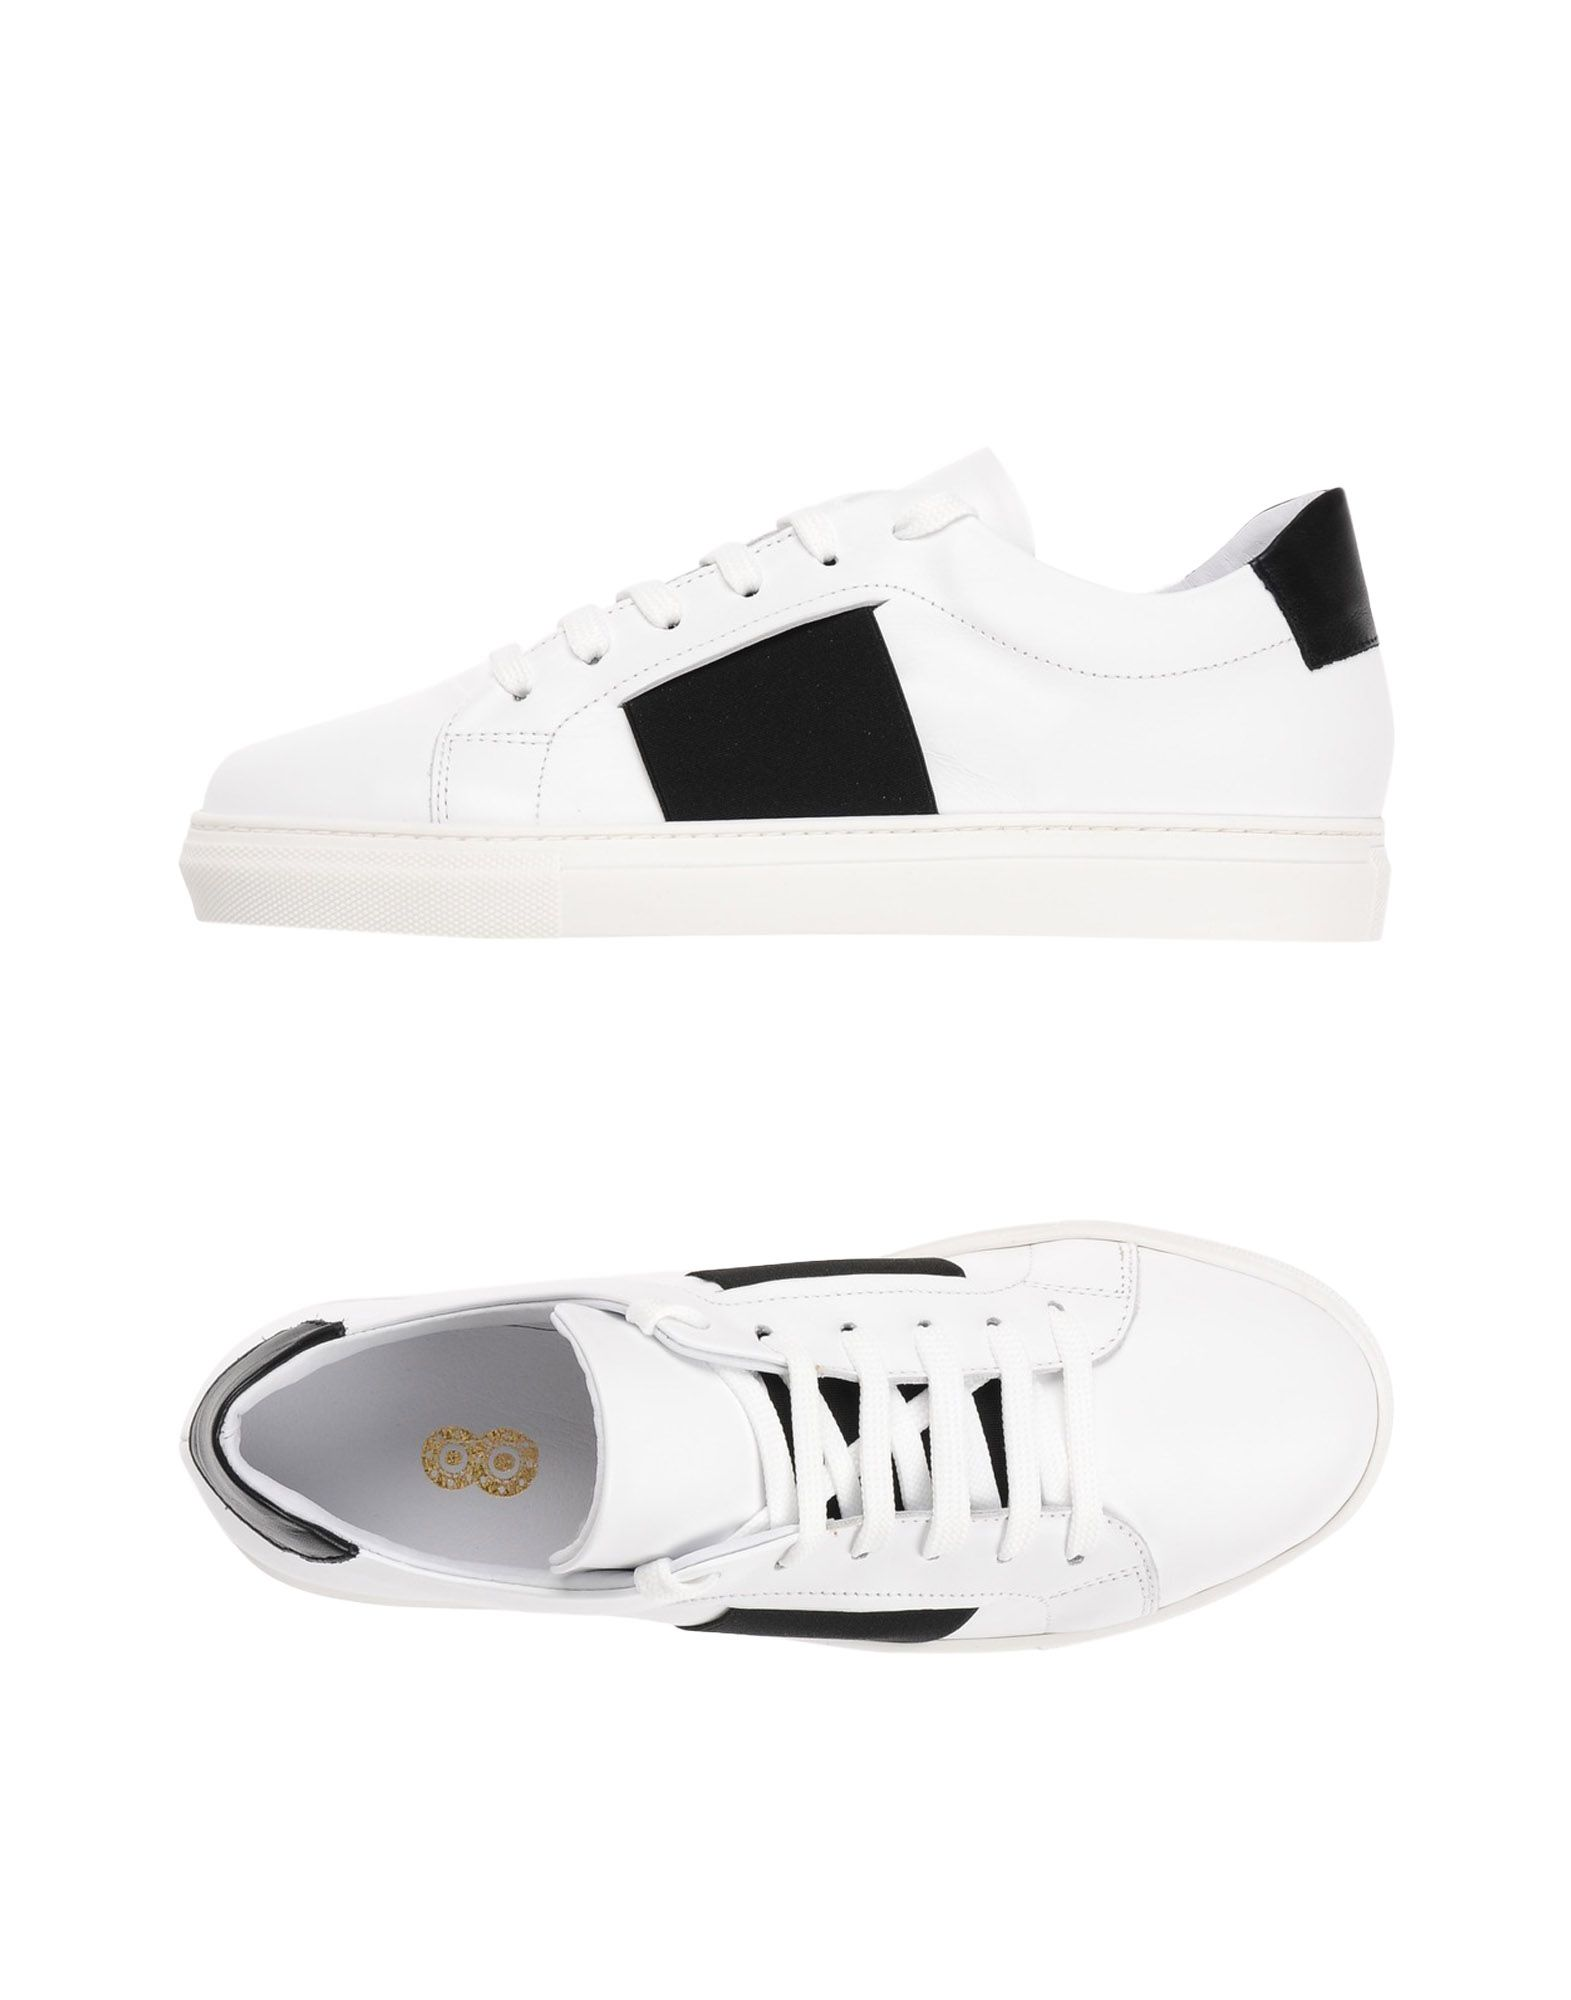 8 Sneakers Damen  11452695QE Gute Qualität beliebte Schuhe Schuhe Schuhe 088127